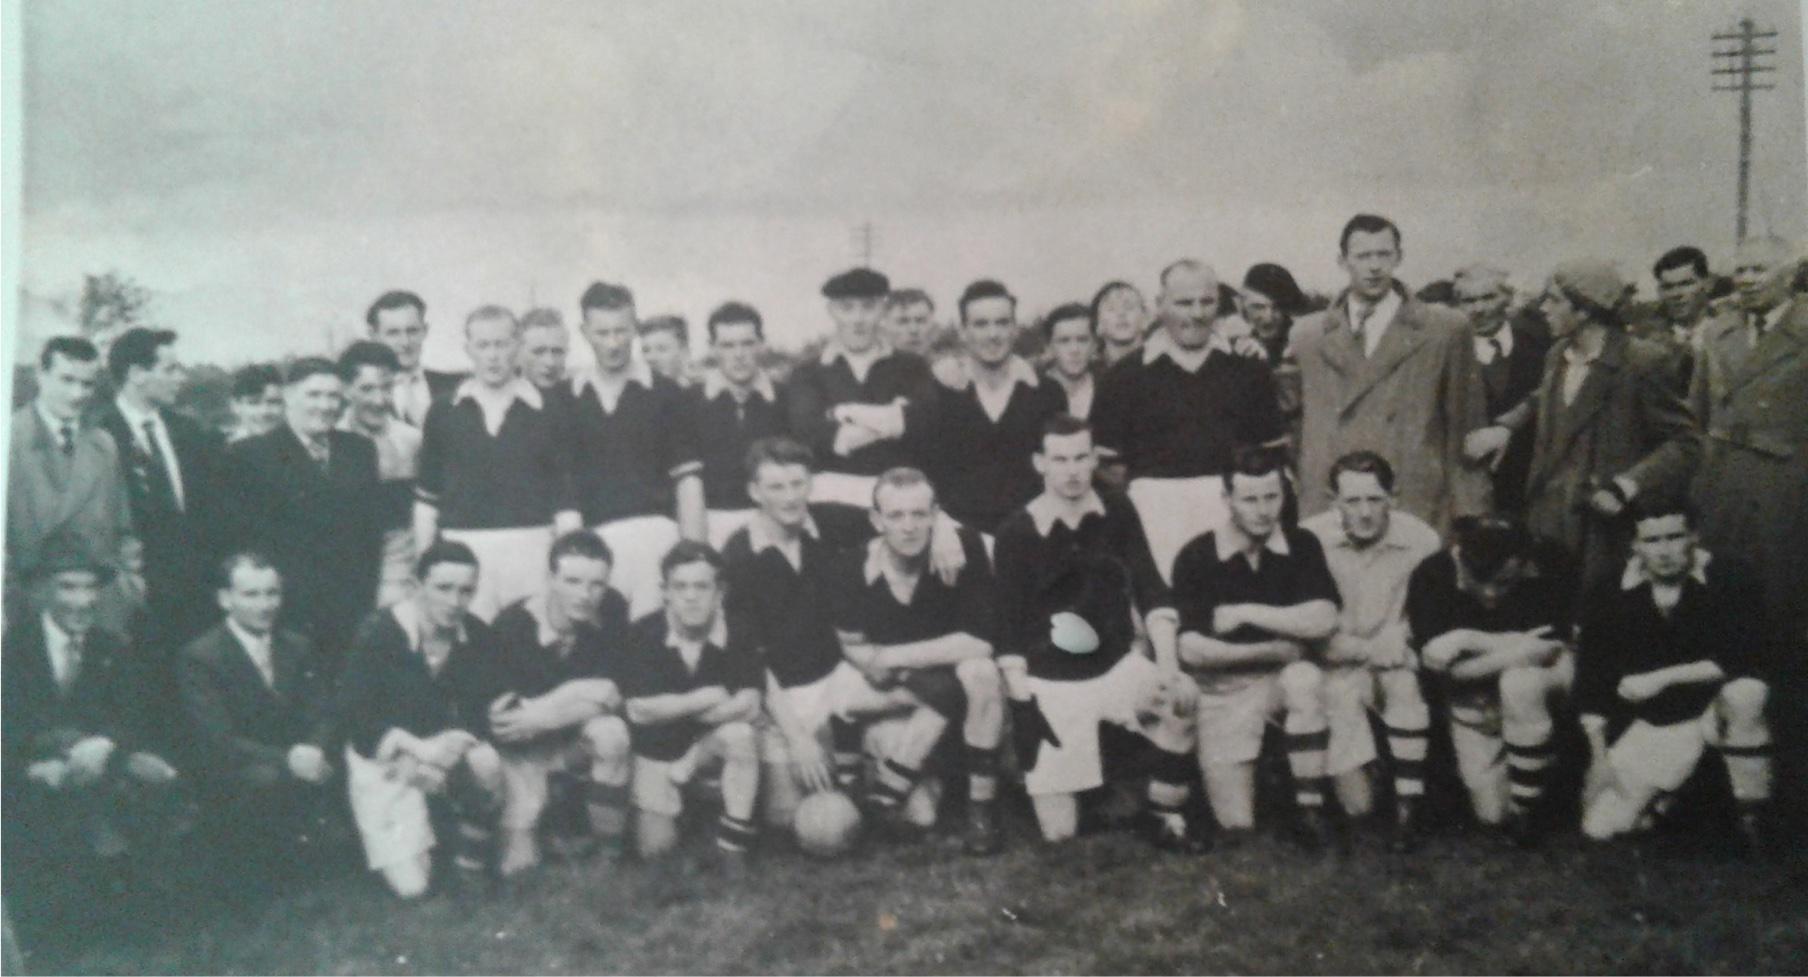 belmullet-team-v-crossmolina-12th-sept-1954